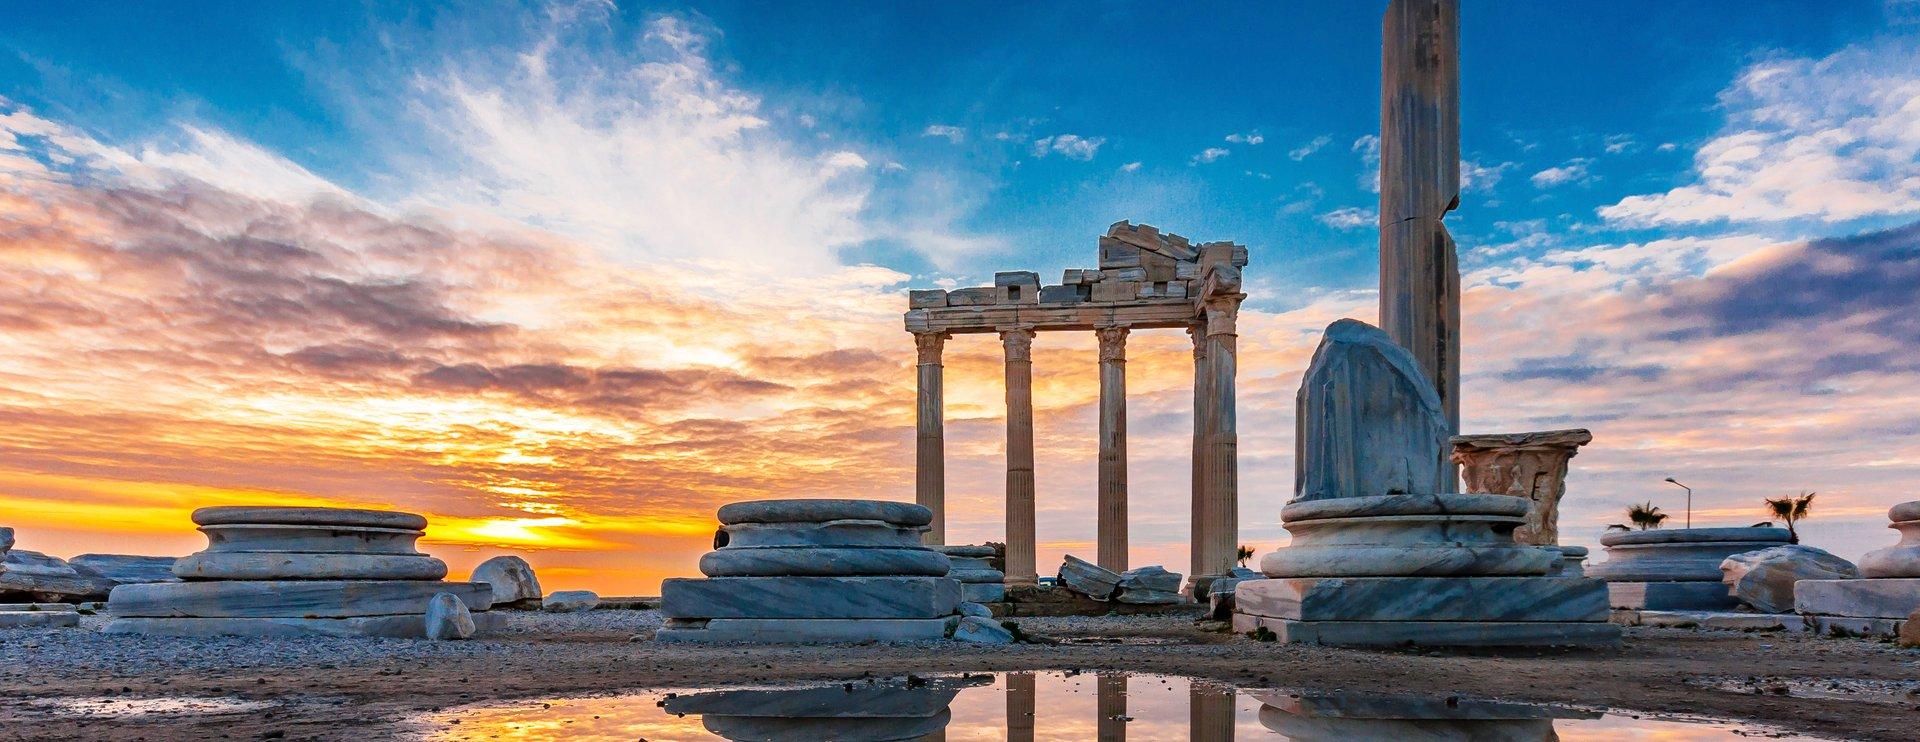 The Temple of Apollo Image 1